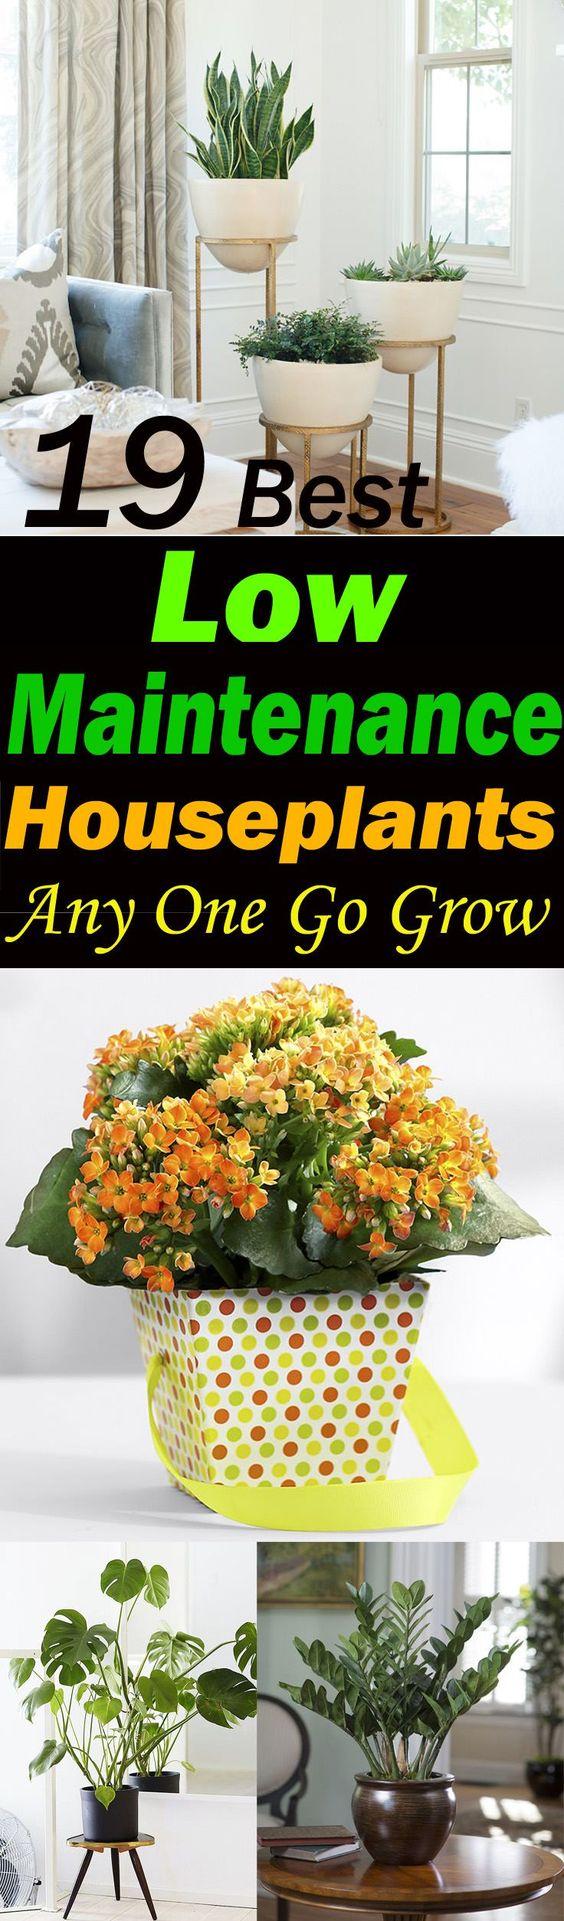 看看这19个最好的低维护室内植物,如果你是在室内种植植物或发现自己懒惰的新手。